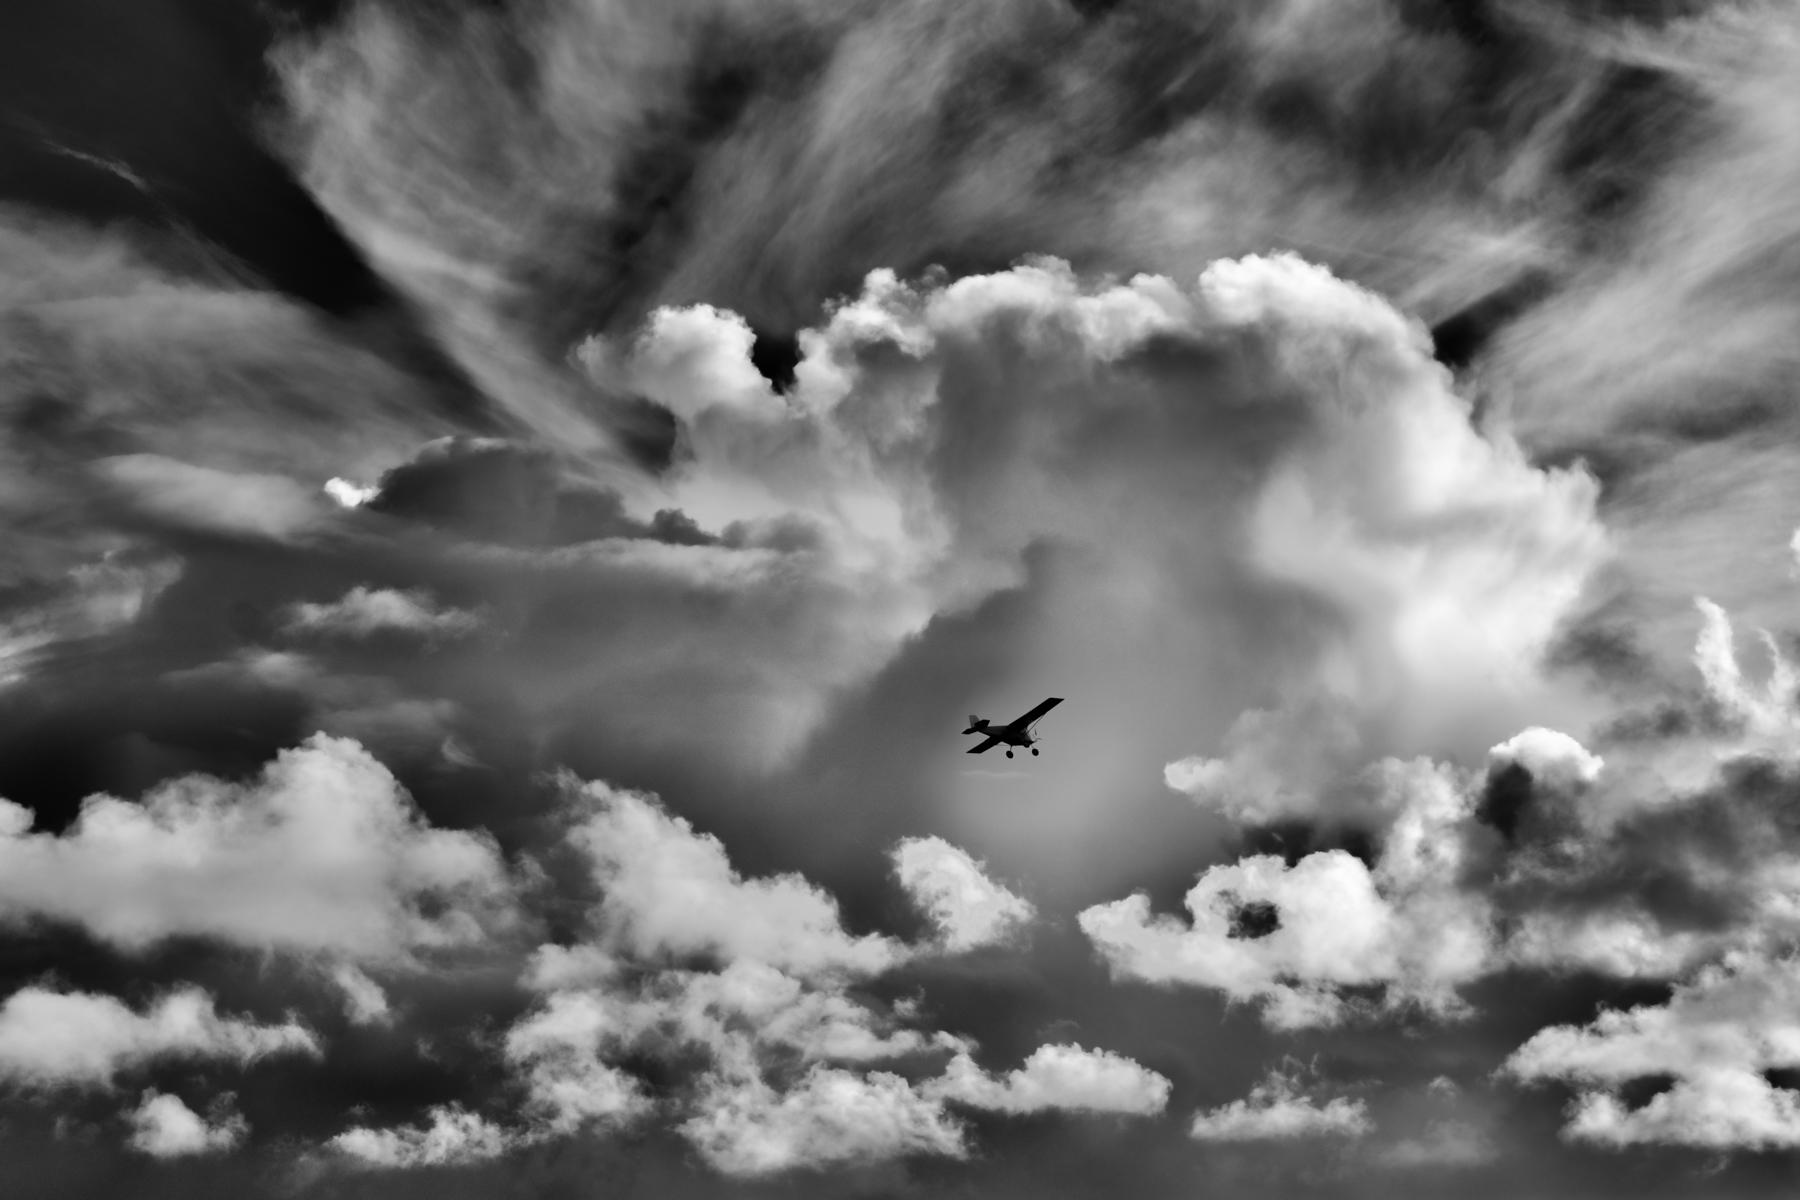 _DSC5245-Edit-2IcelandSky_Plane